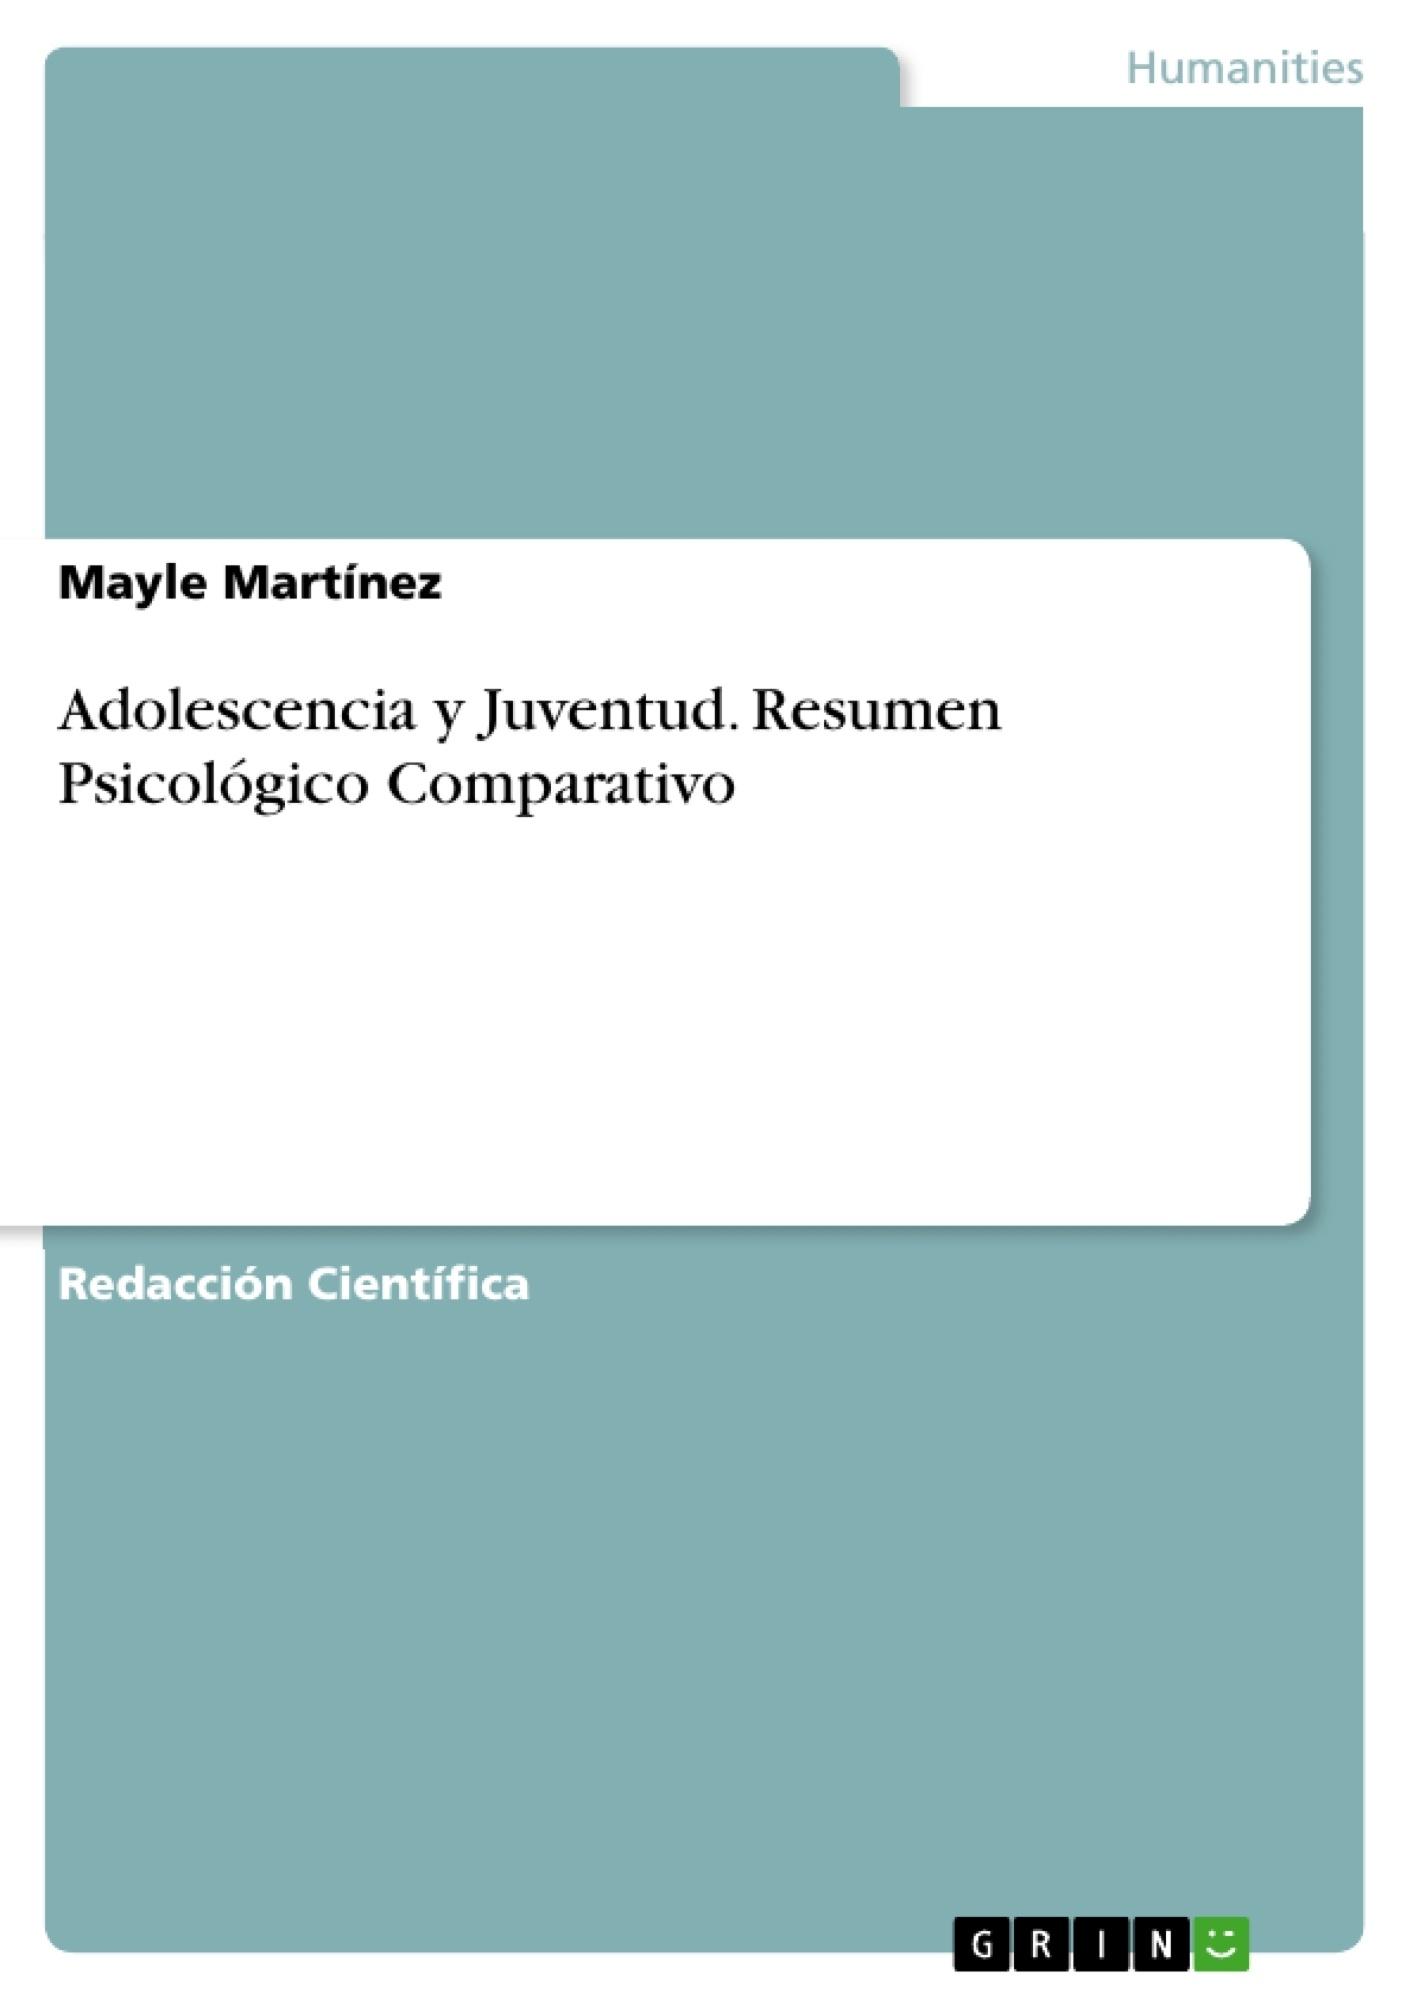 Título: Adolescencia y Juventud. Resumen Psicológico Comparativo